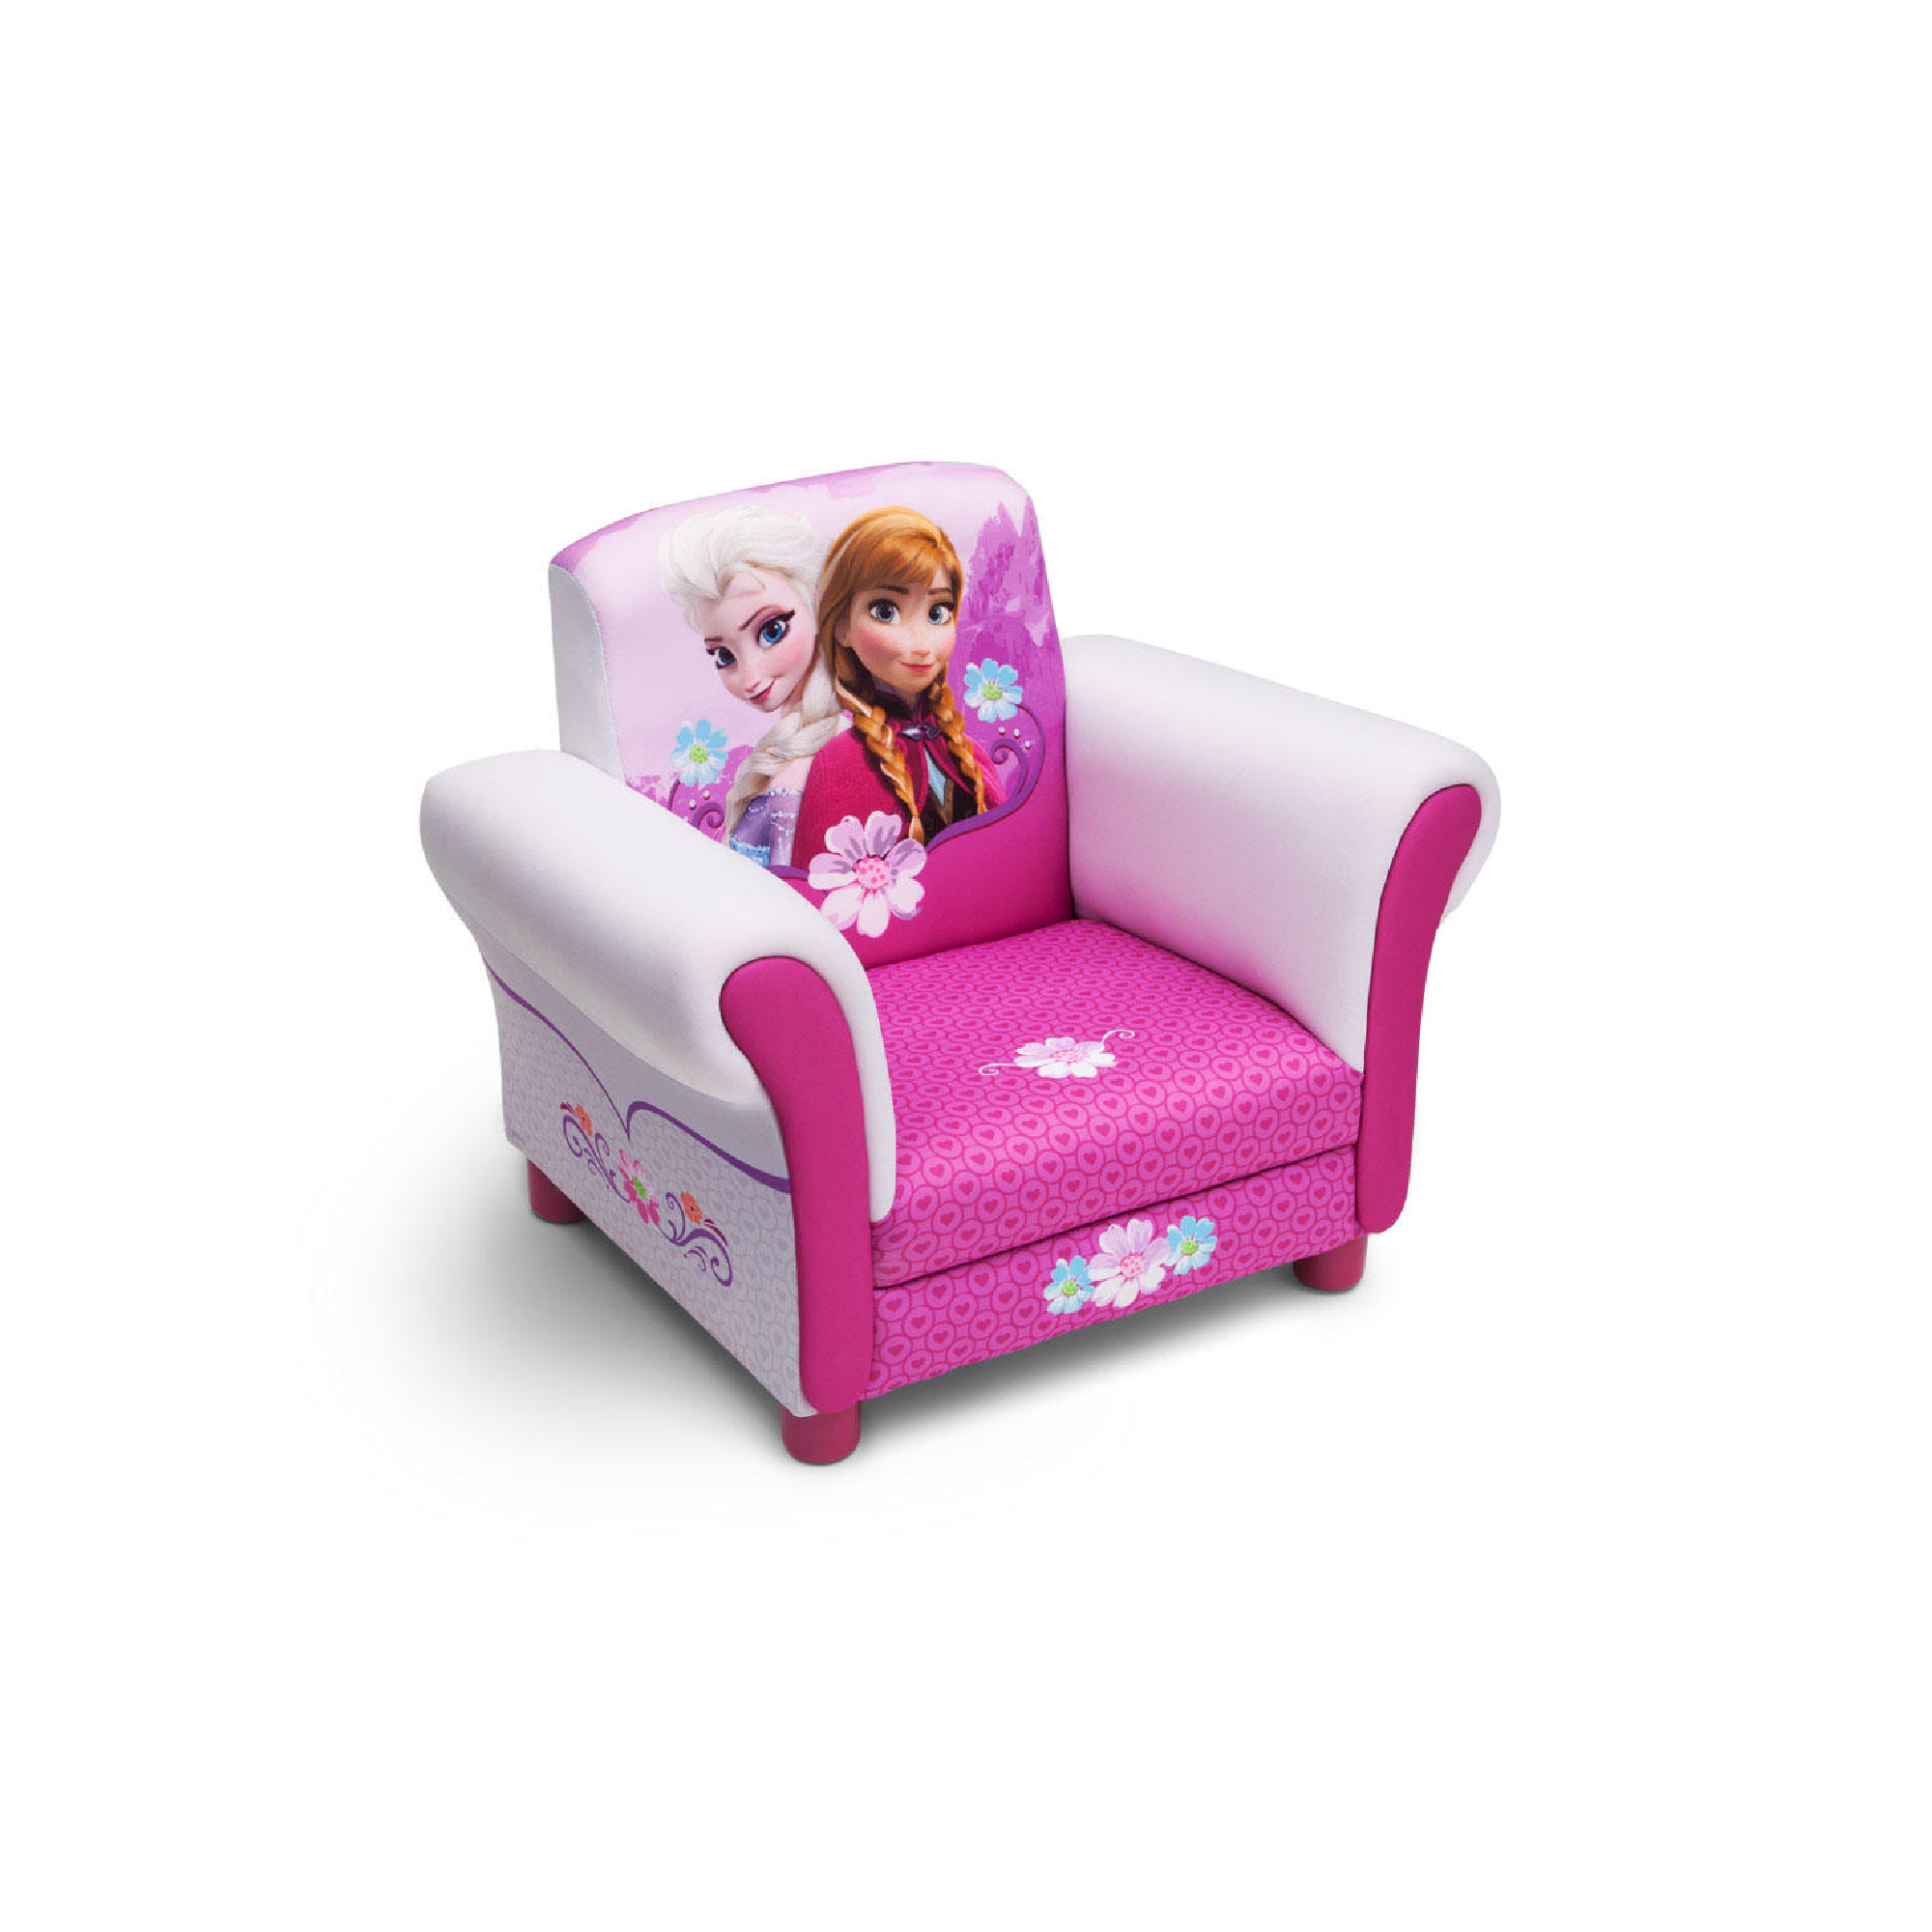 Delta Children Disney Frozen Upholstered Childs Toddler